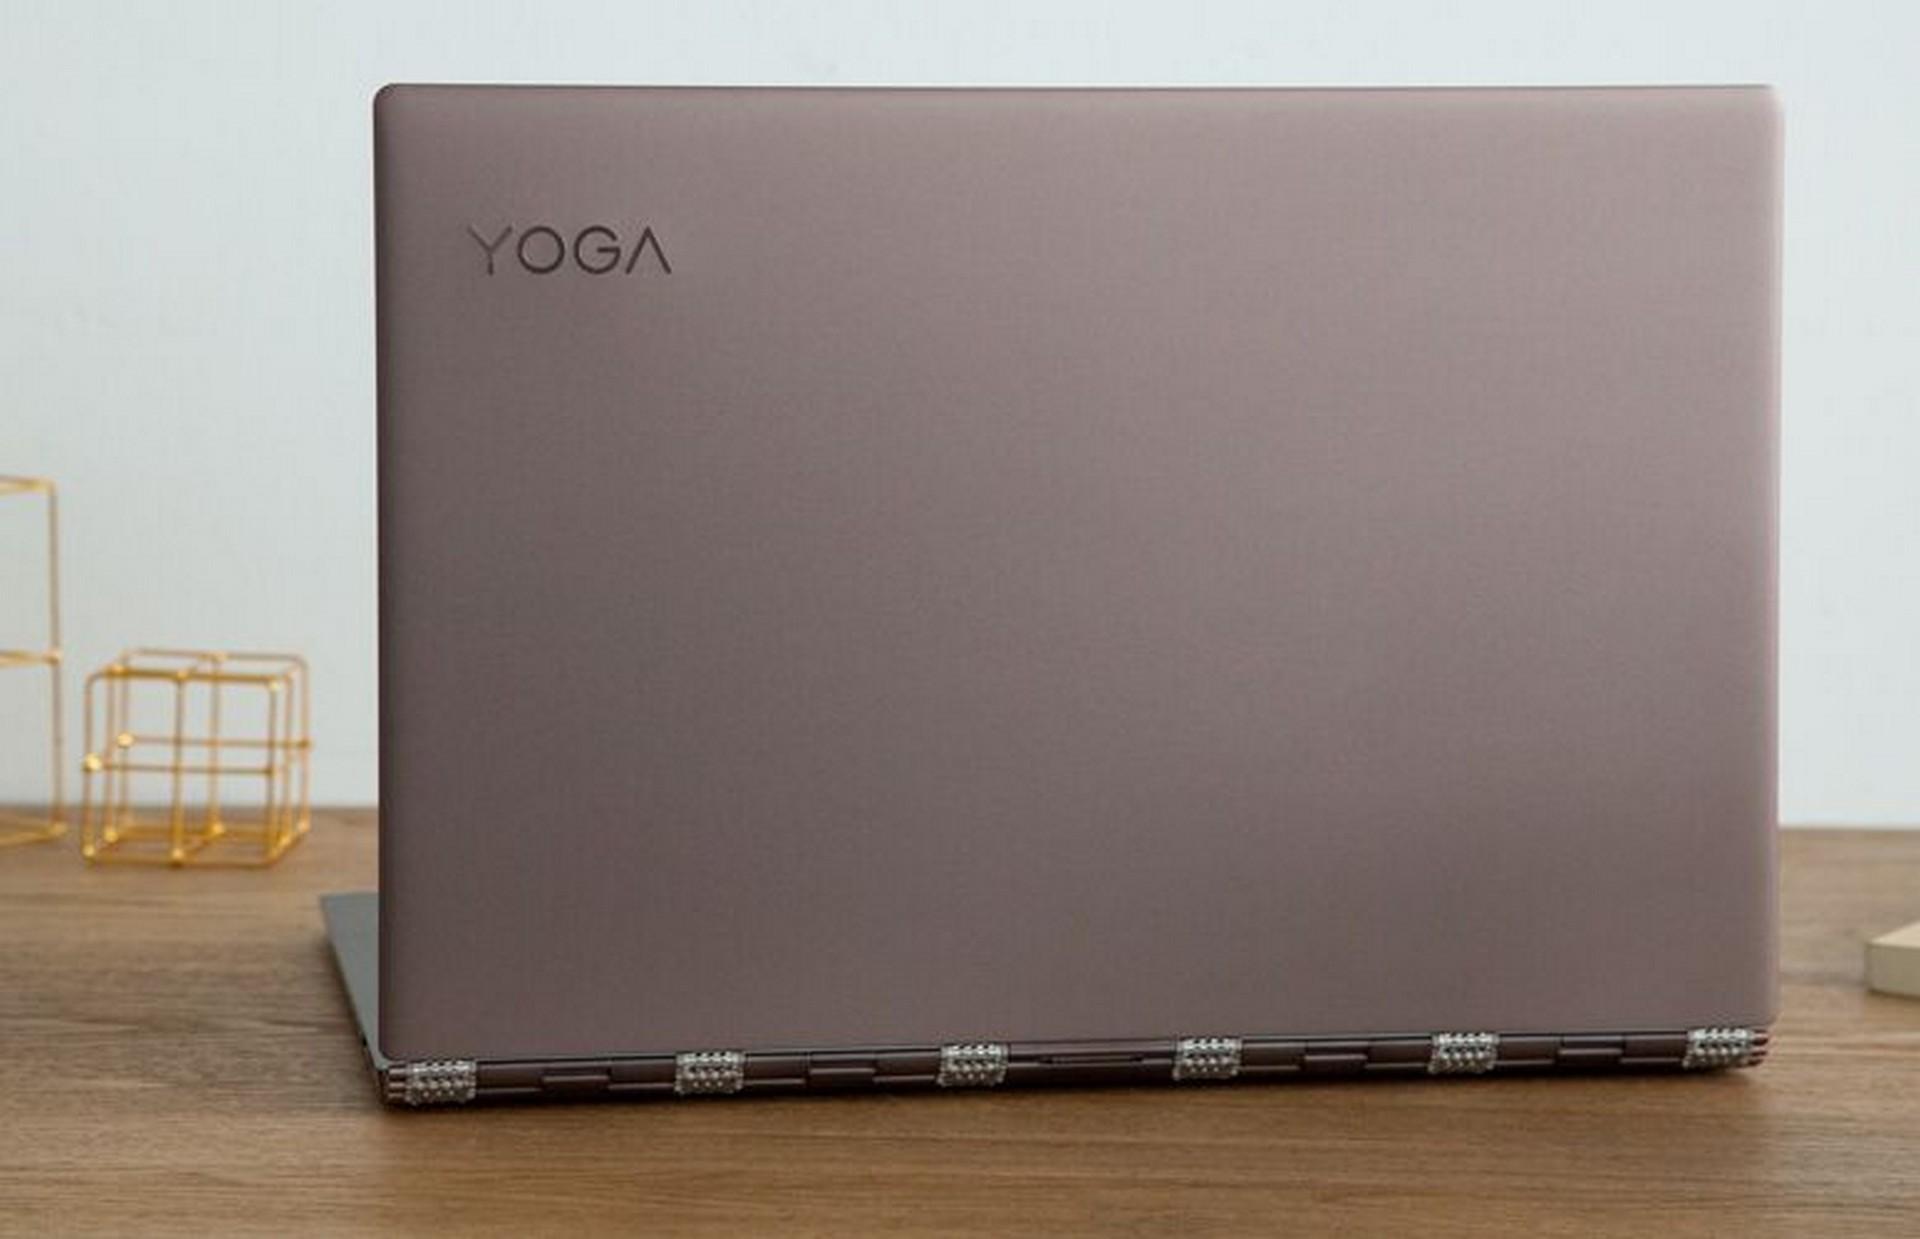 Ufficio Disegno Yoga : Lenovo yoga 920 oltre 12 ore di autonomia e prestazioni top toms